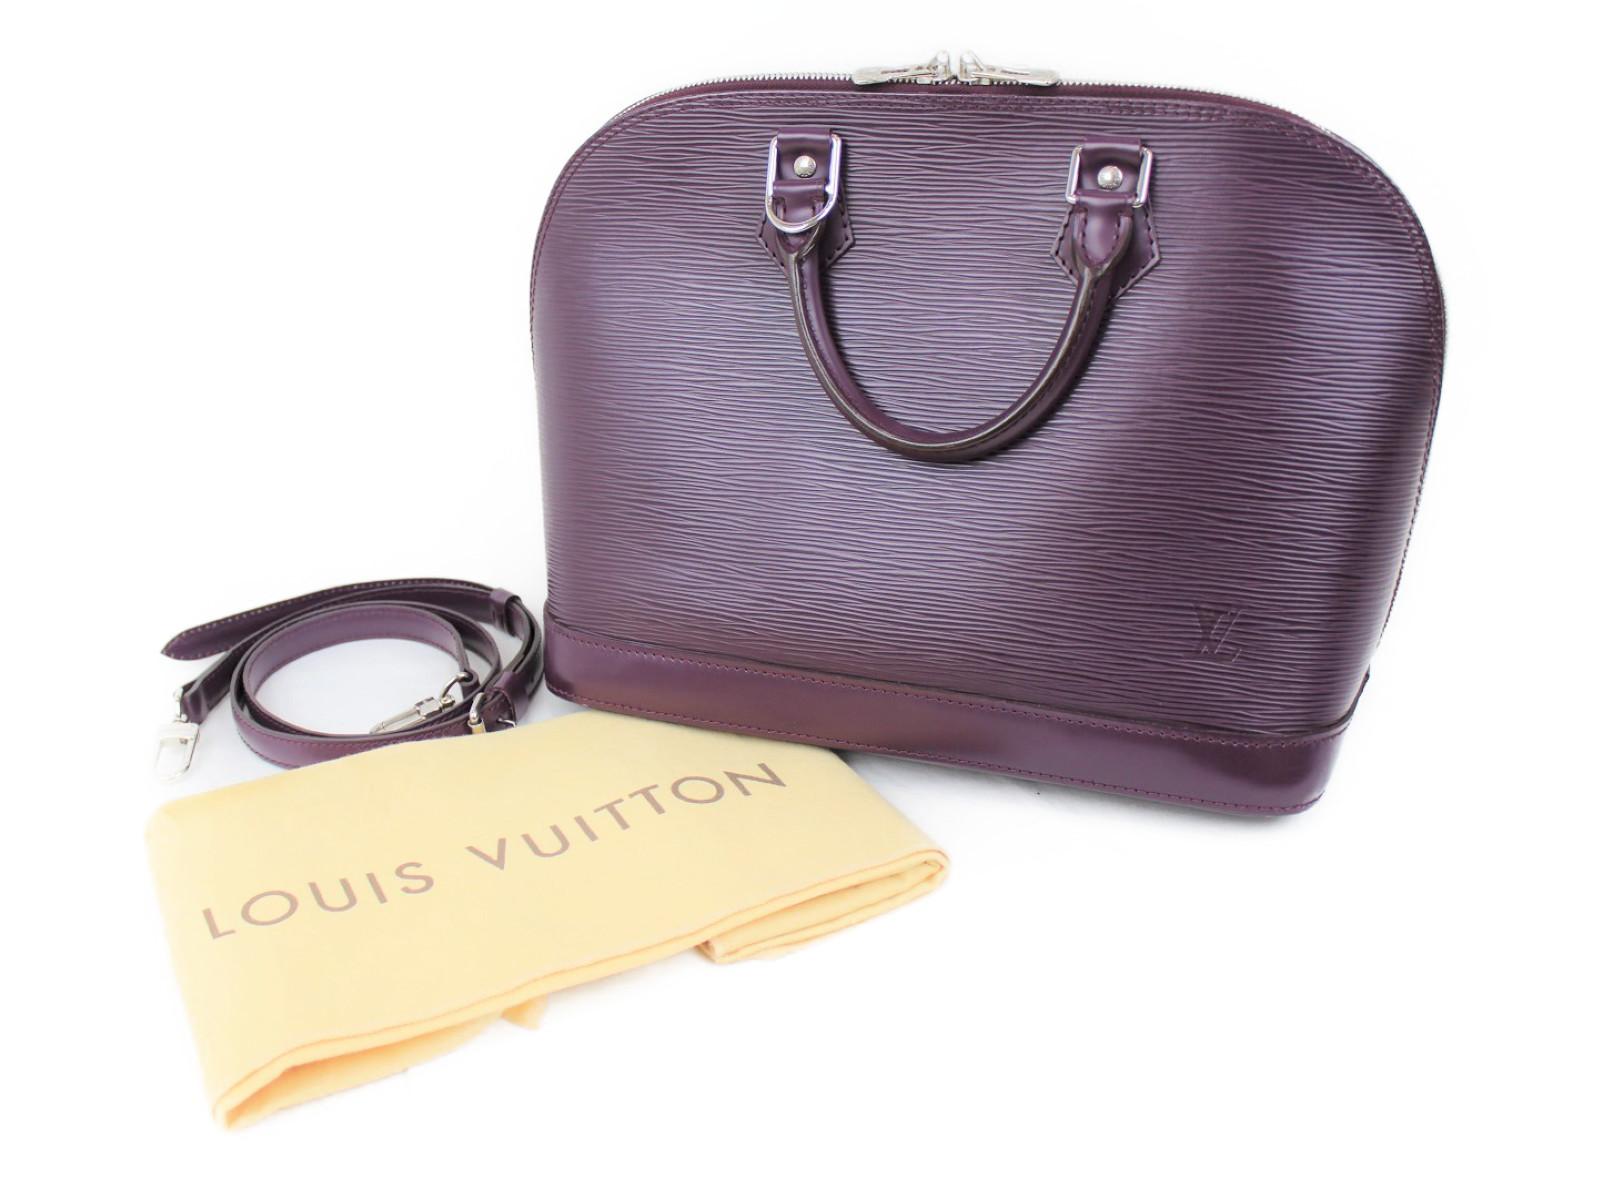 【布袋有り】LOUIS VUITTON ルイヴィトン M5280k アルマ ハンドバッグ エピ レザー カシス パープル系 紫 レディース 女性 メンズ 男性 紳士物 プレゼント ギフト【中古】